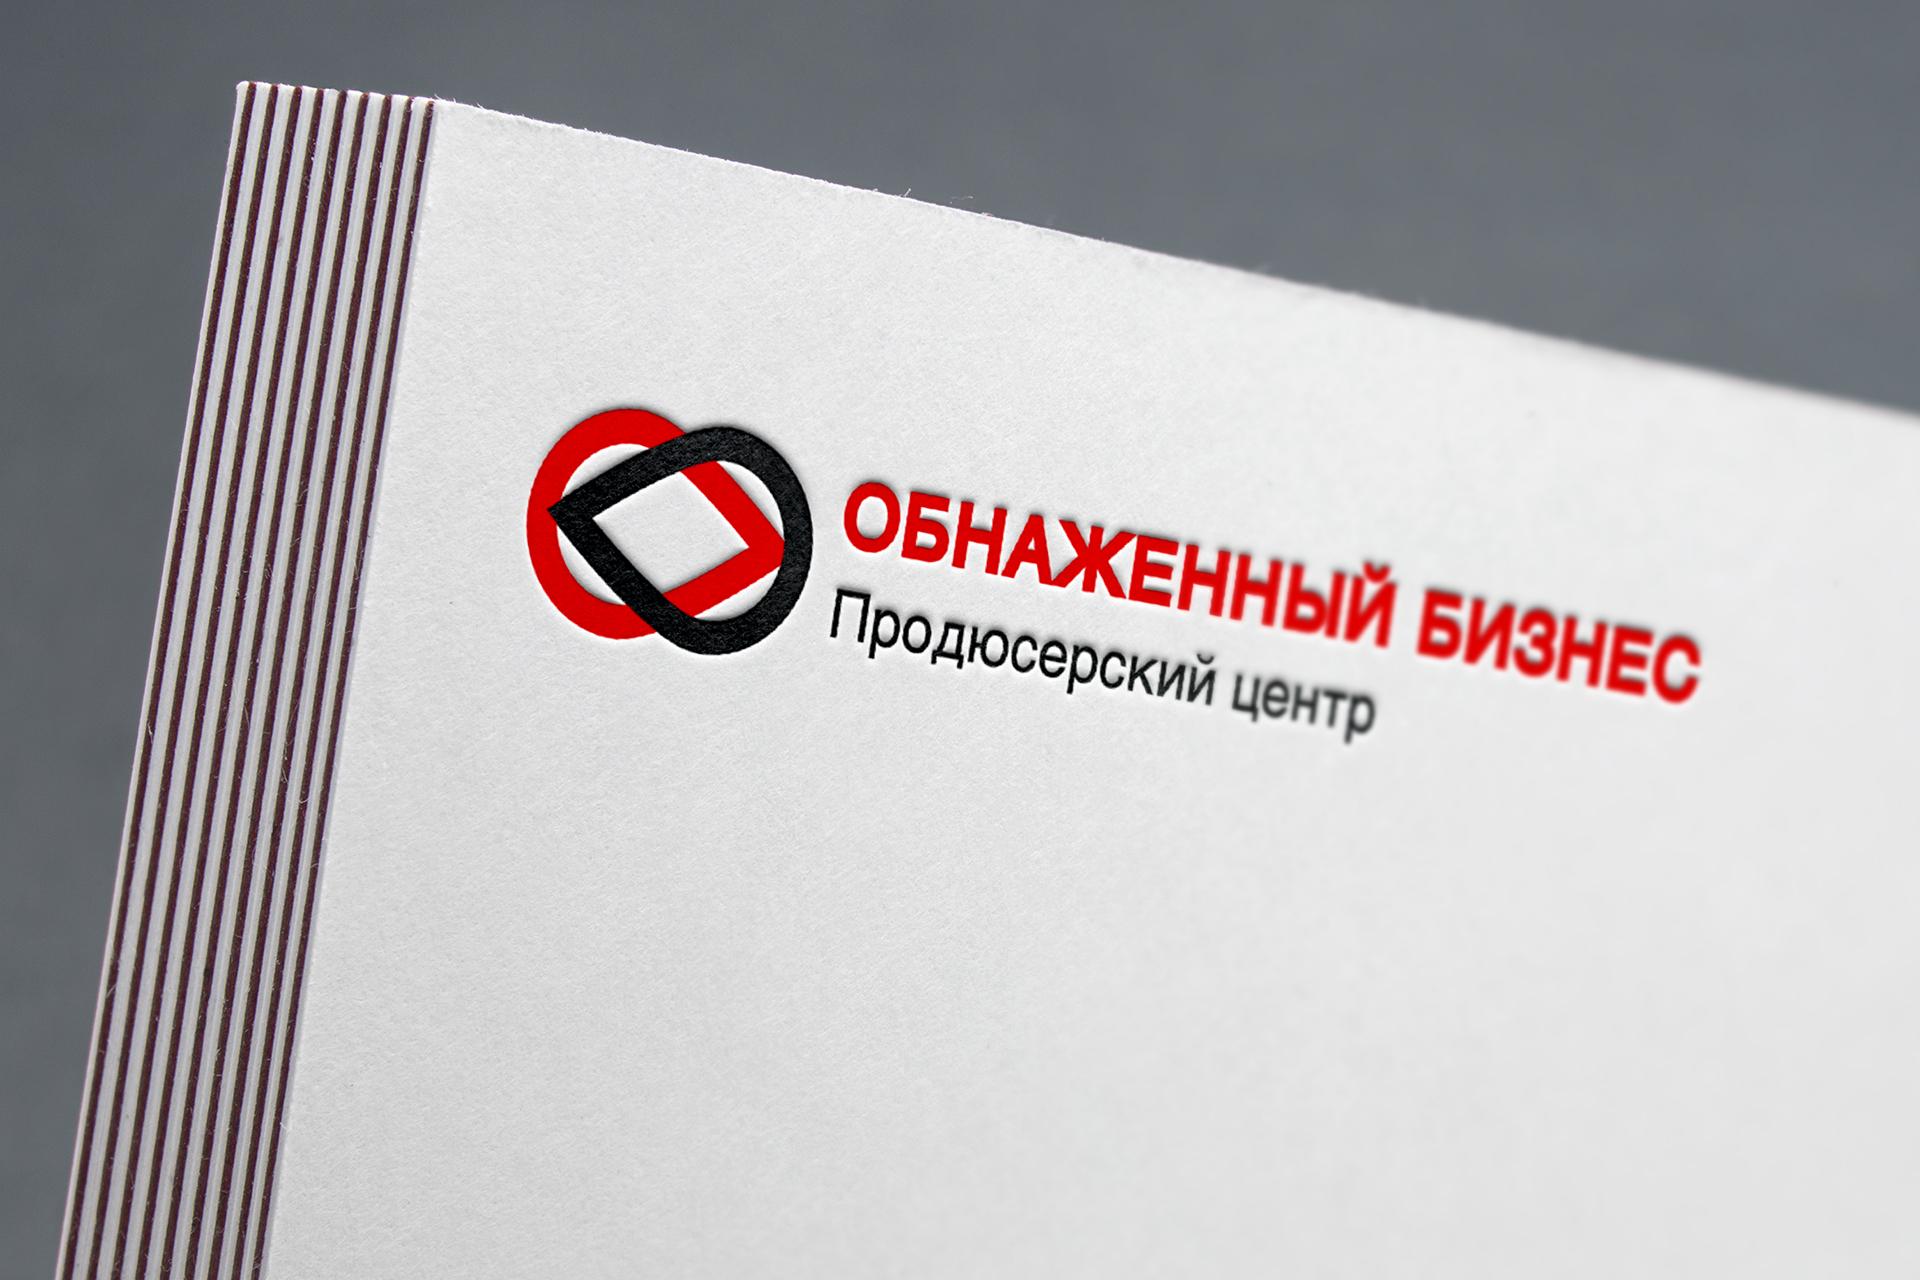 """Логотип для продюсерского центра """"Обнажённый бизнес"""" фото f_3915ba0e7b9b43d2.jpg"""